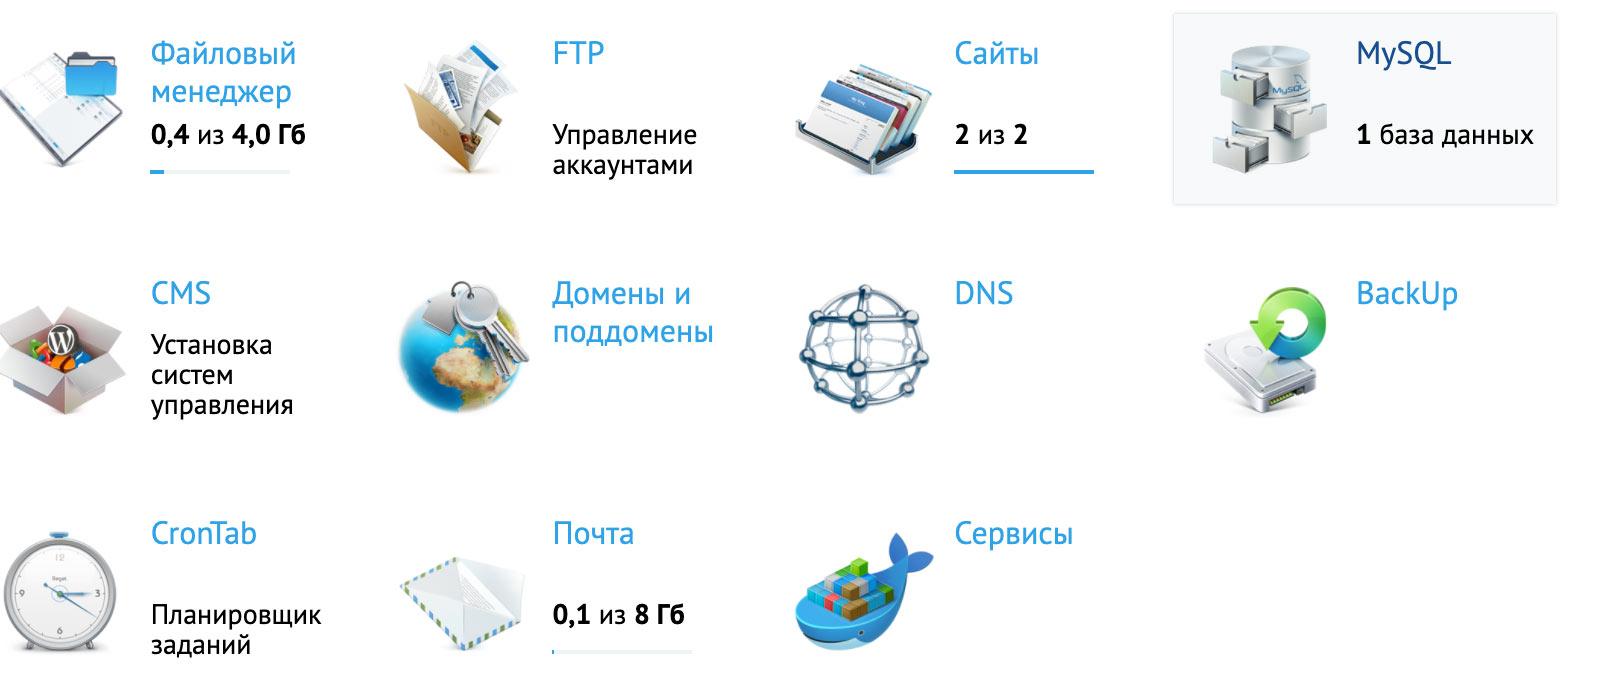 Страница с базами данных в панели управления хостингом